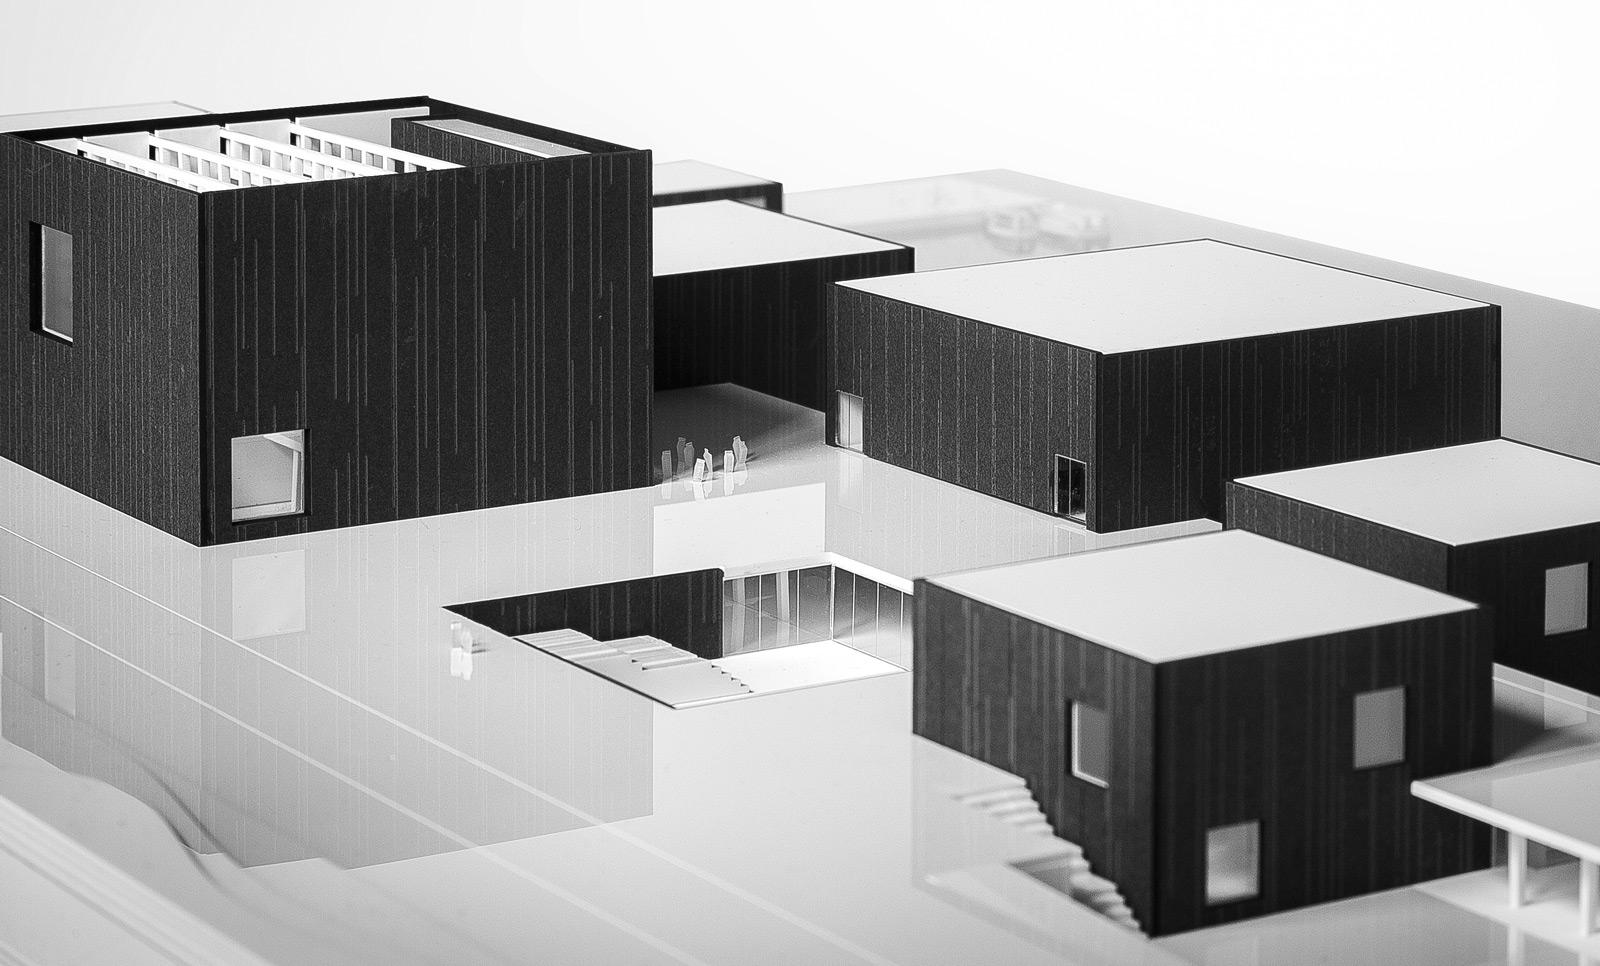 Maqueta 14 arquimaquetaarquimaqueta for Arquitectura de proyectos